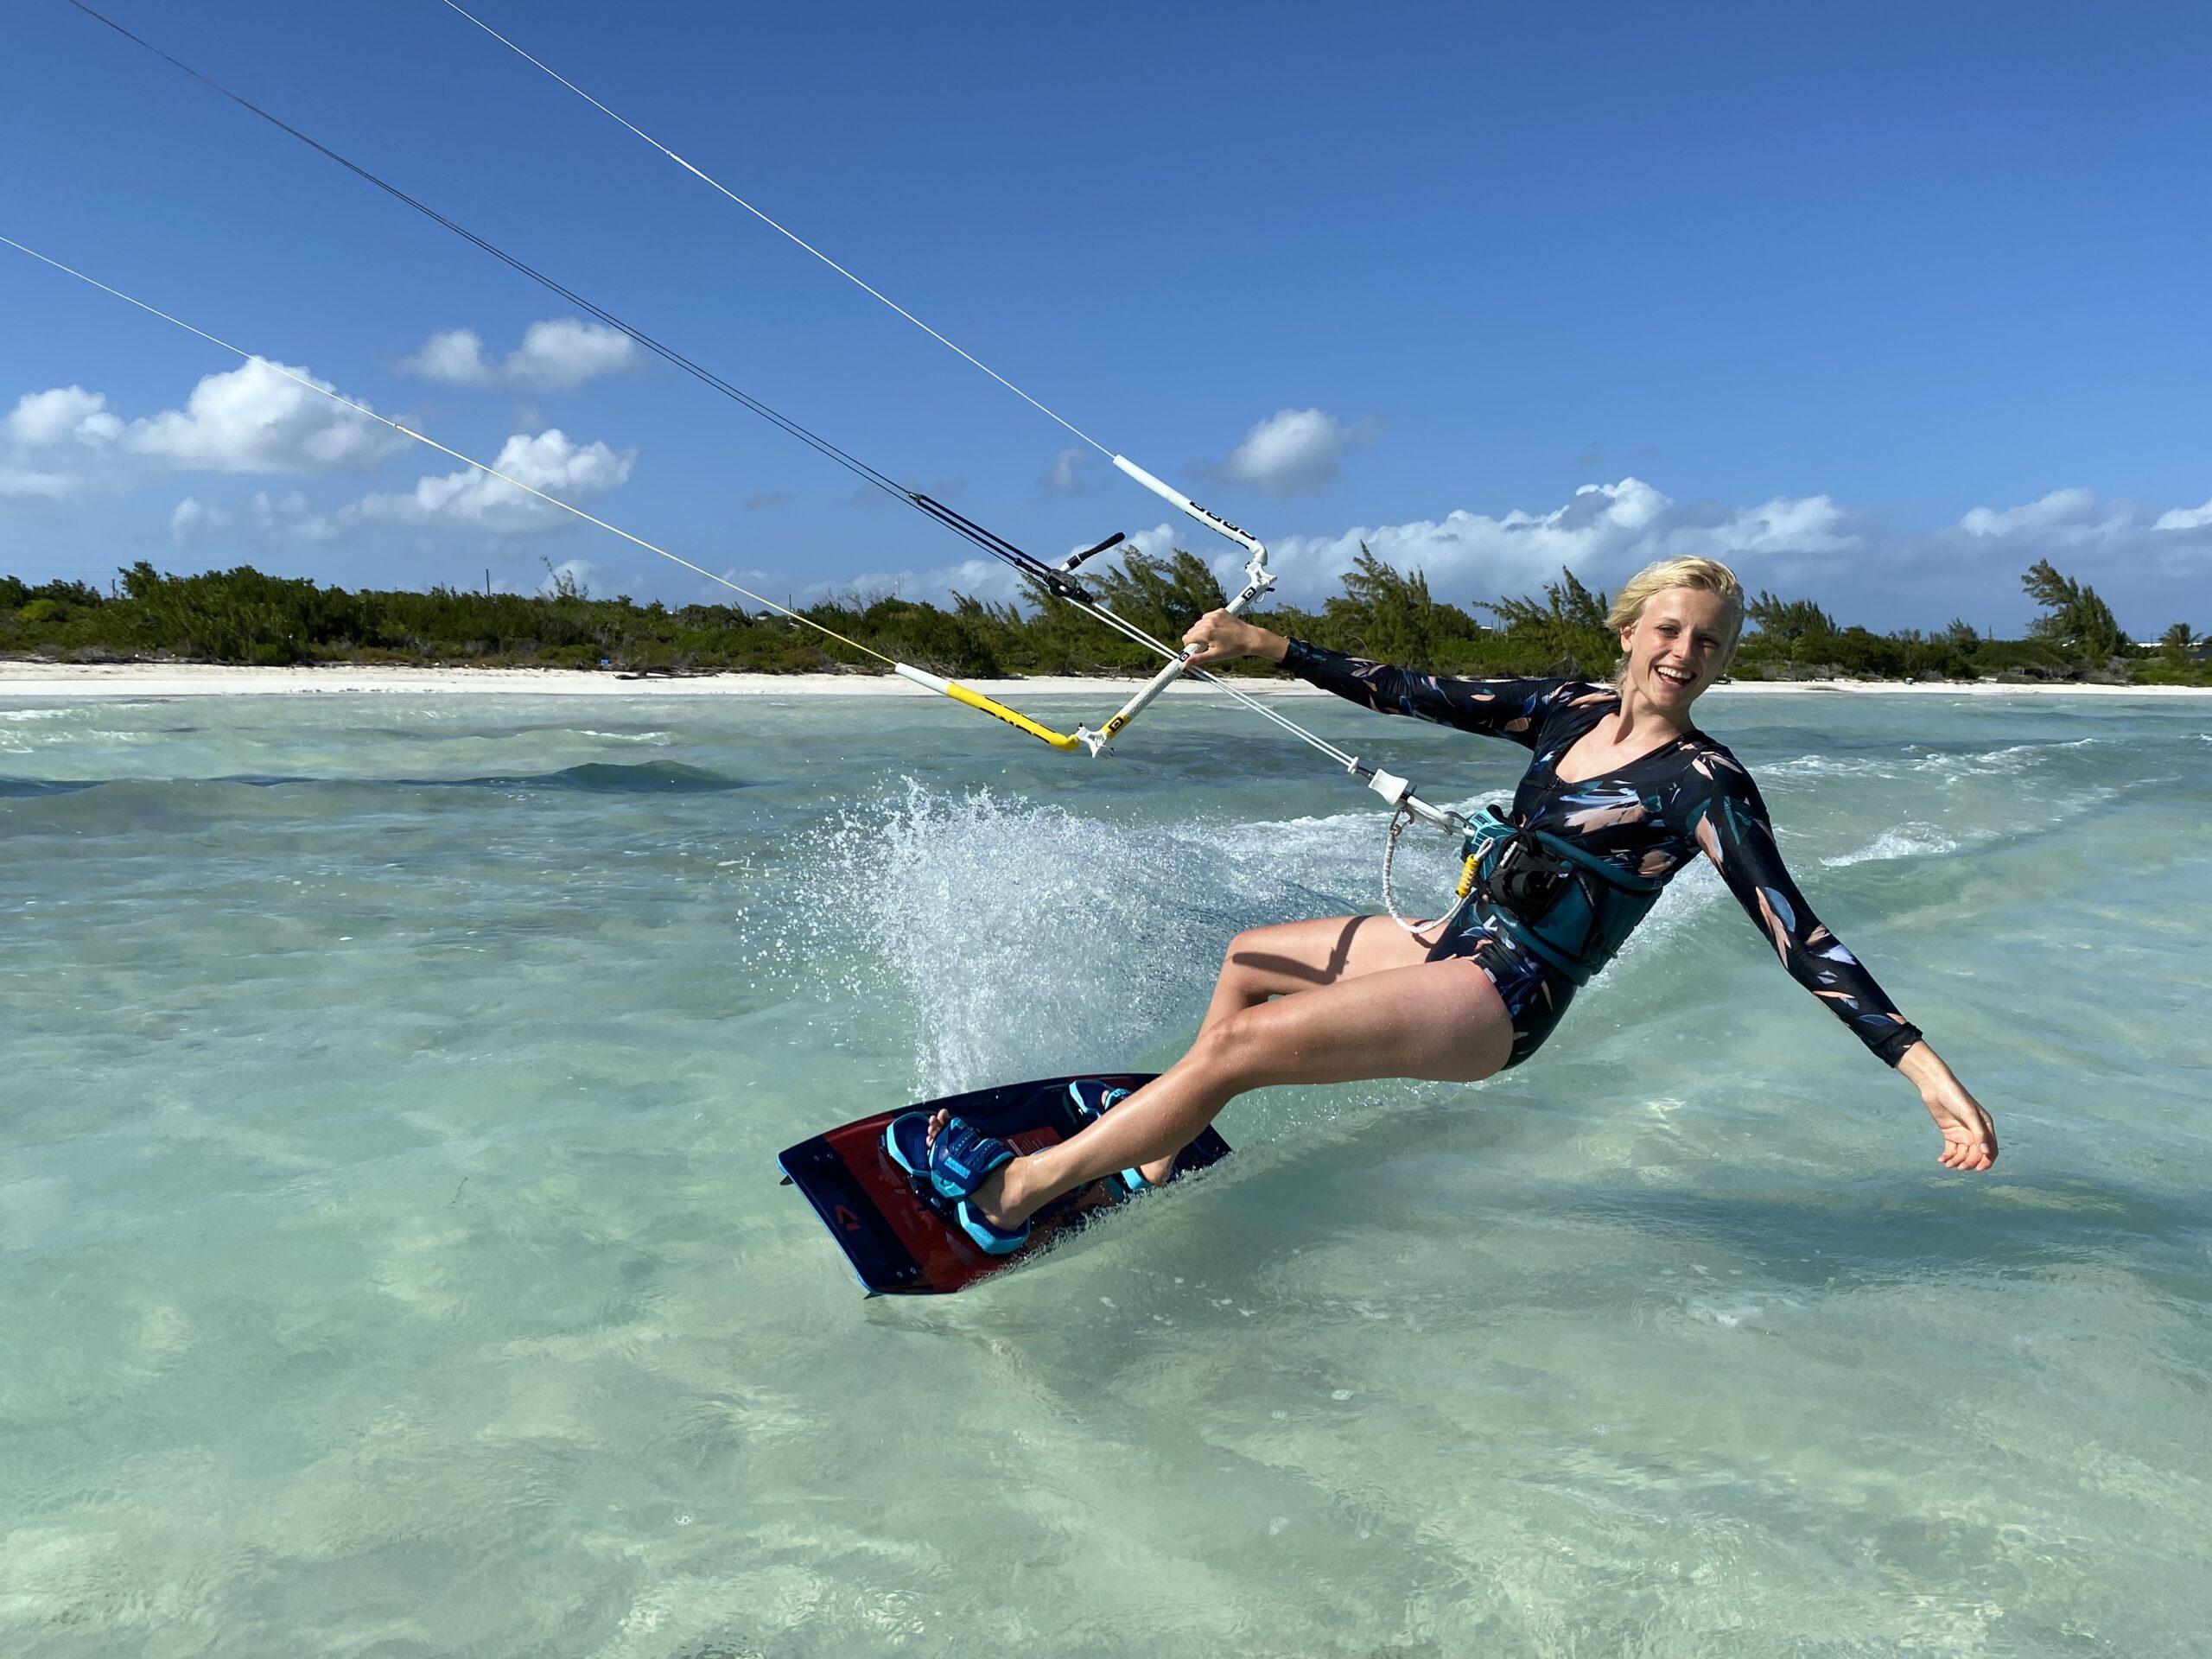 Börja kitesurfa - en guide för kitekurs nybörjare